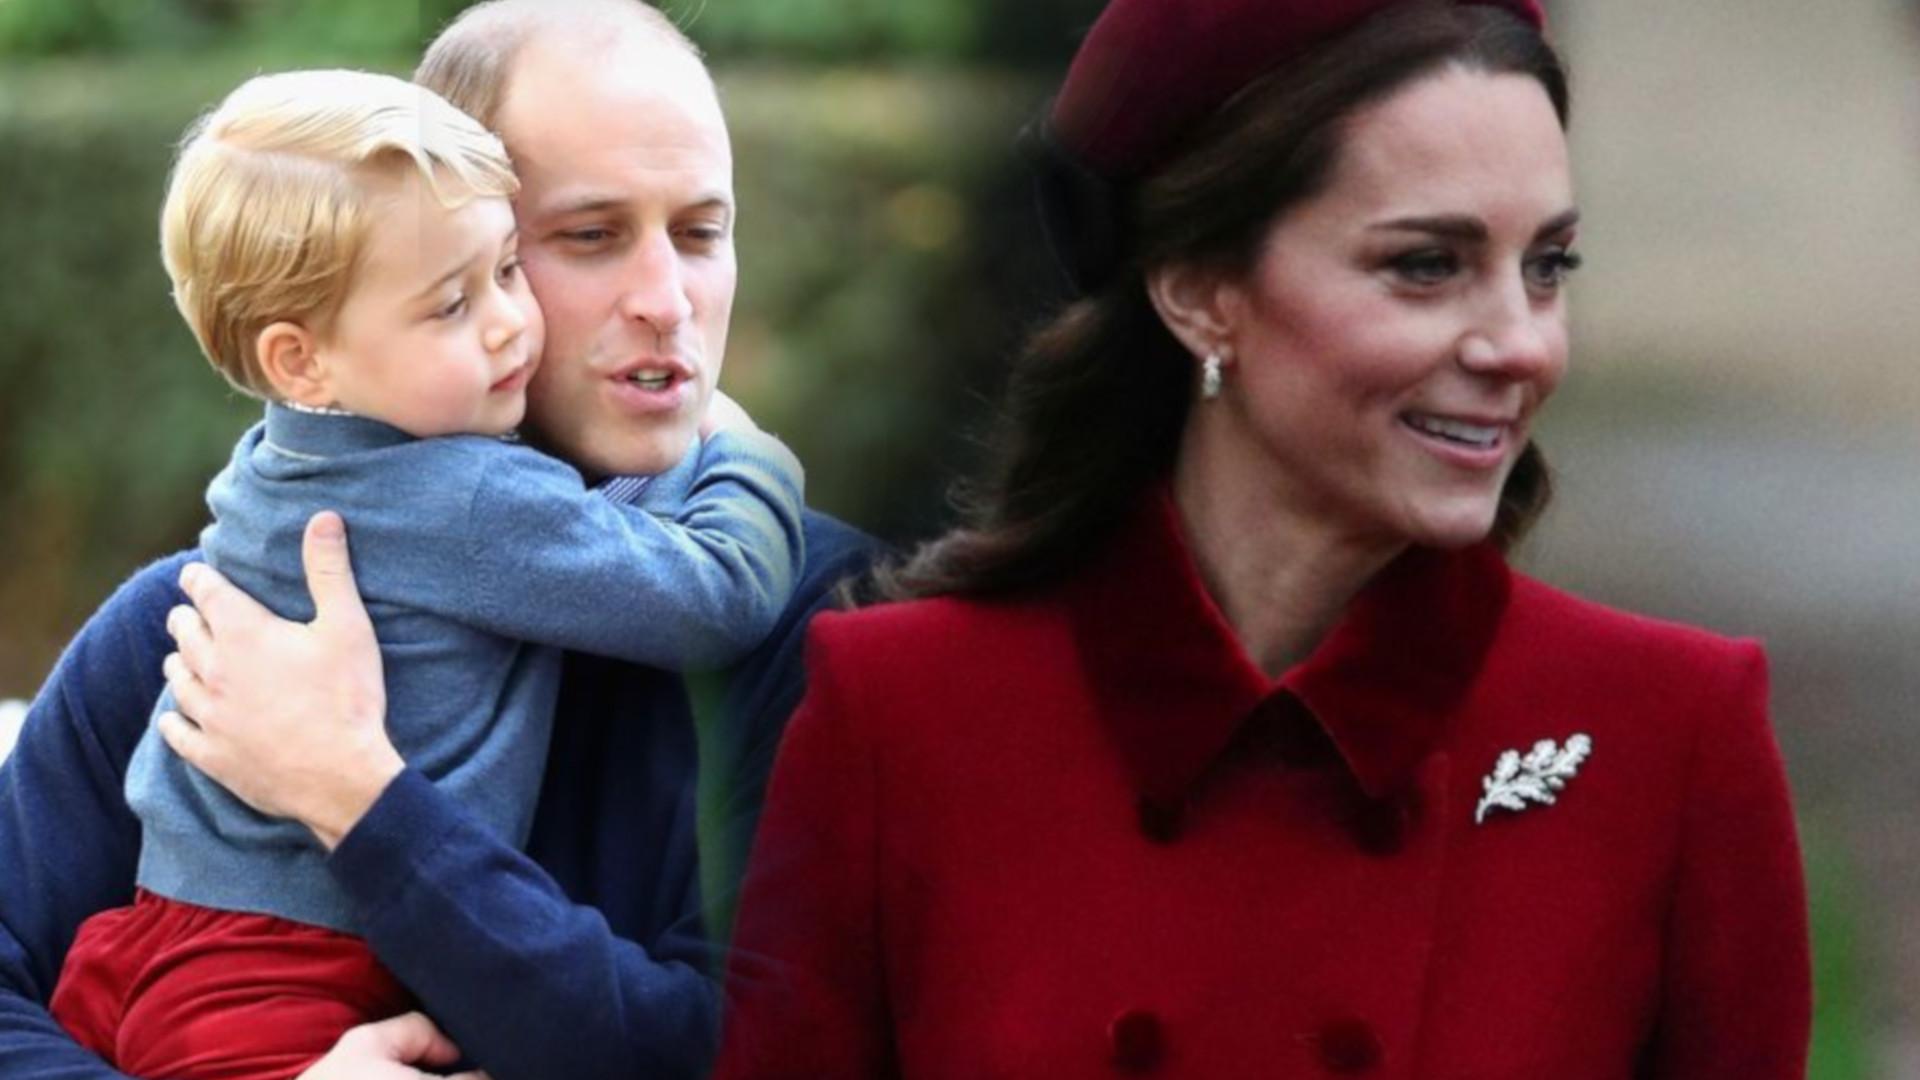 Książę William nie chciał być z księżną Kate! Zmienił zdanie, gdy zrobiła TO